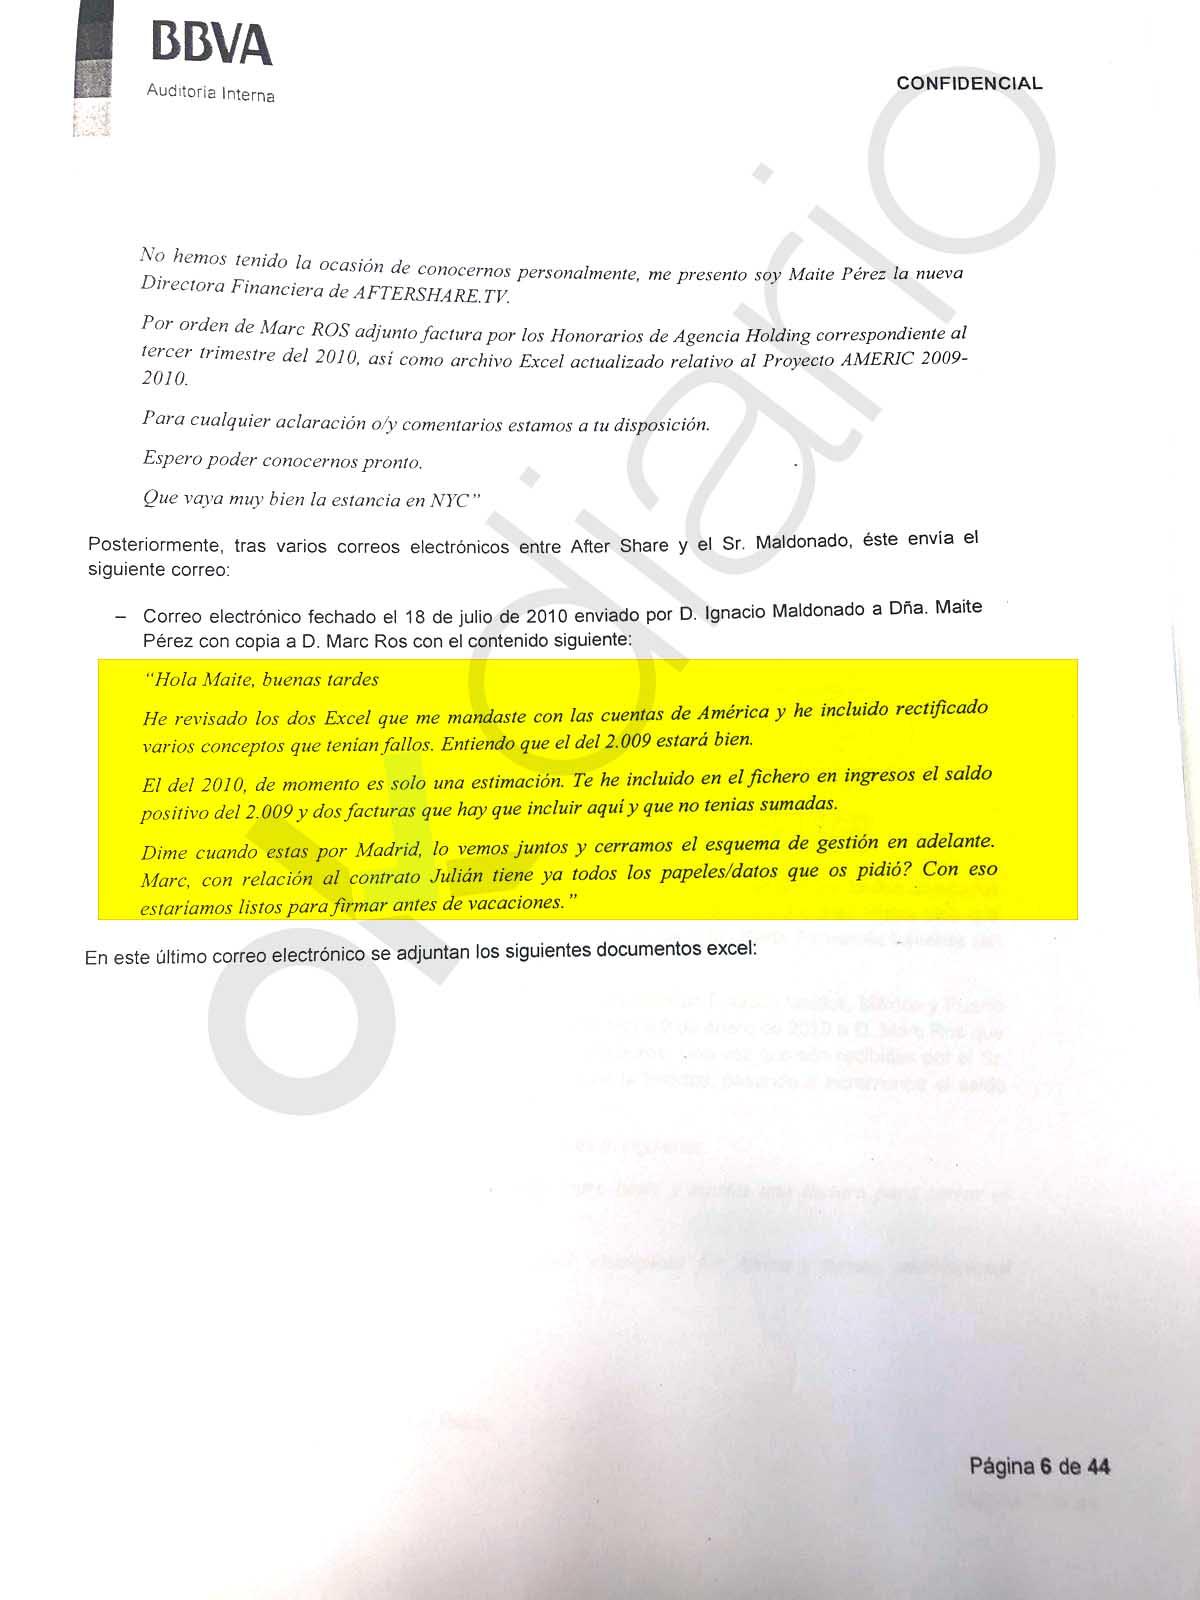 Los emails delatan la complicidad de la sociedad de Risto con la trama de corrupción